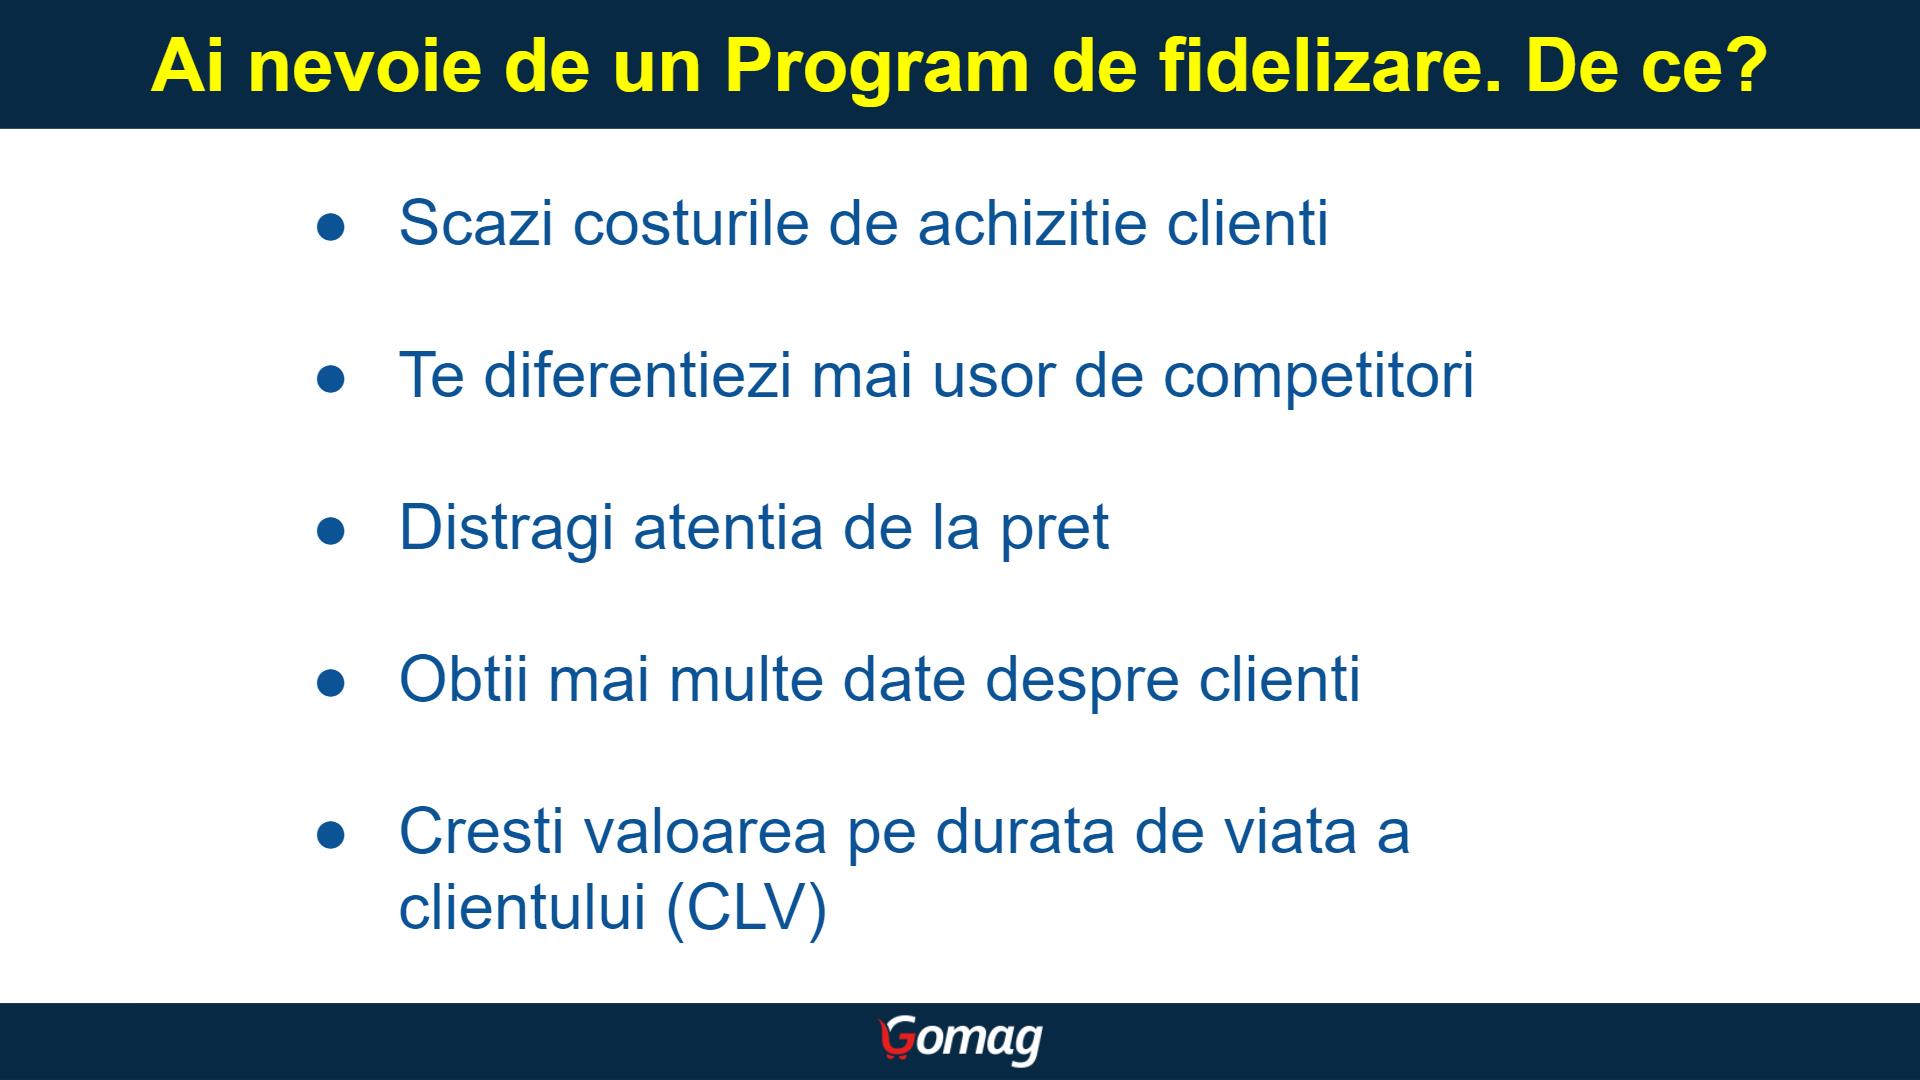 ai-nevoie-program-fidelizare-clienti